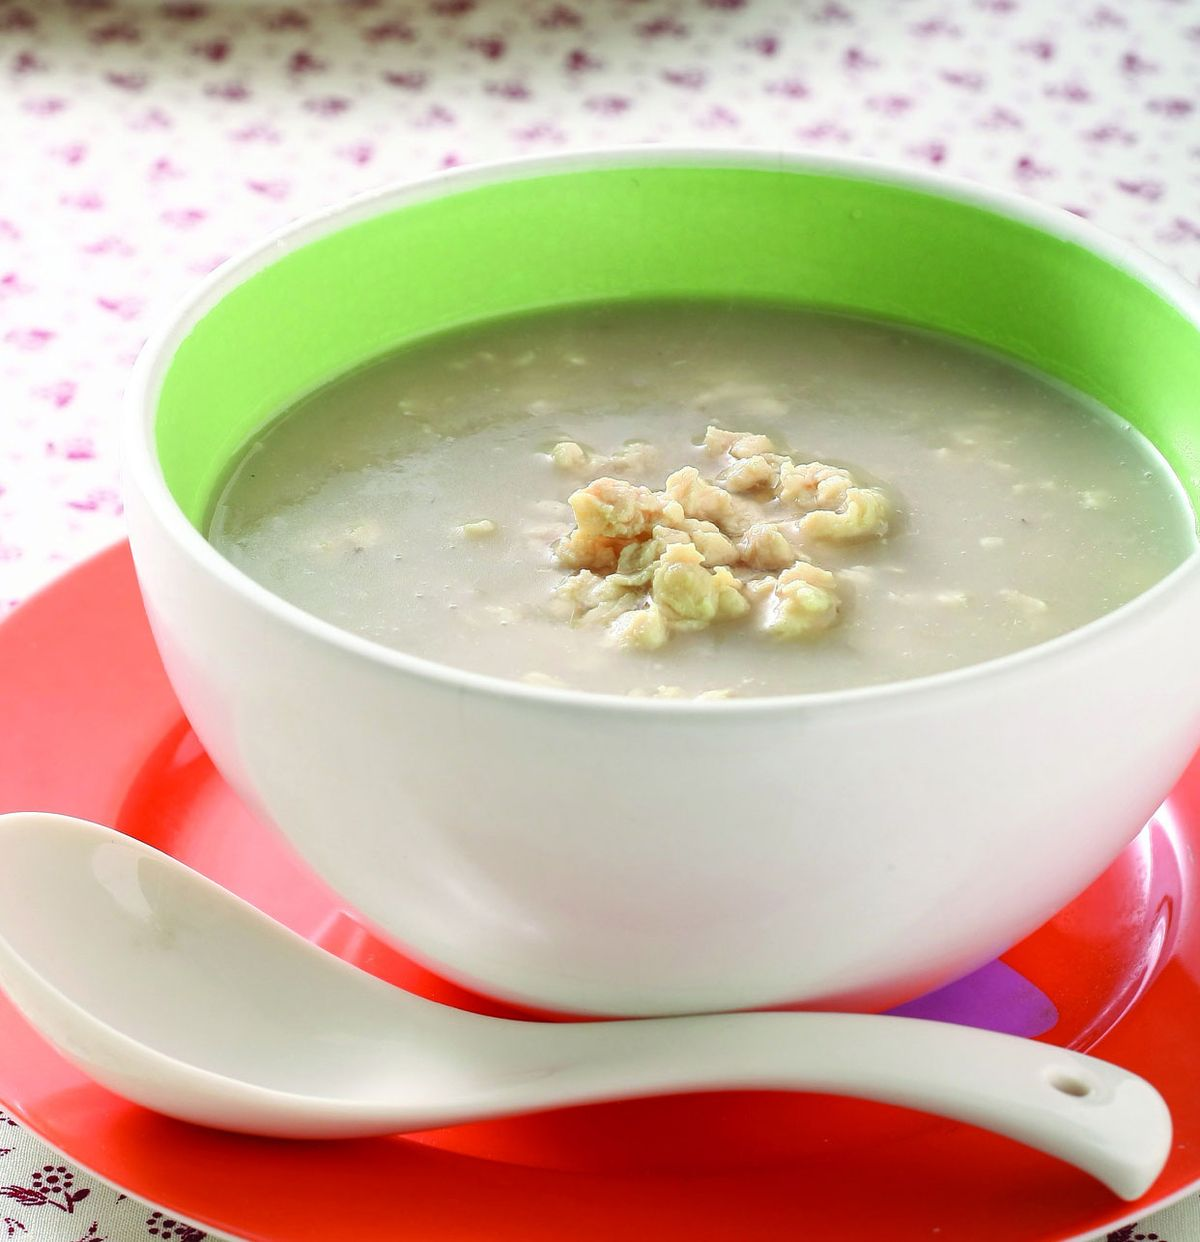 食譜:雞蓉芋香濃湯